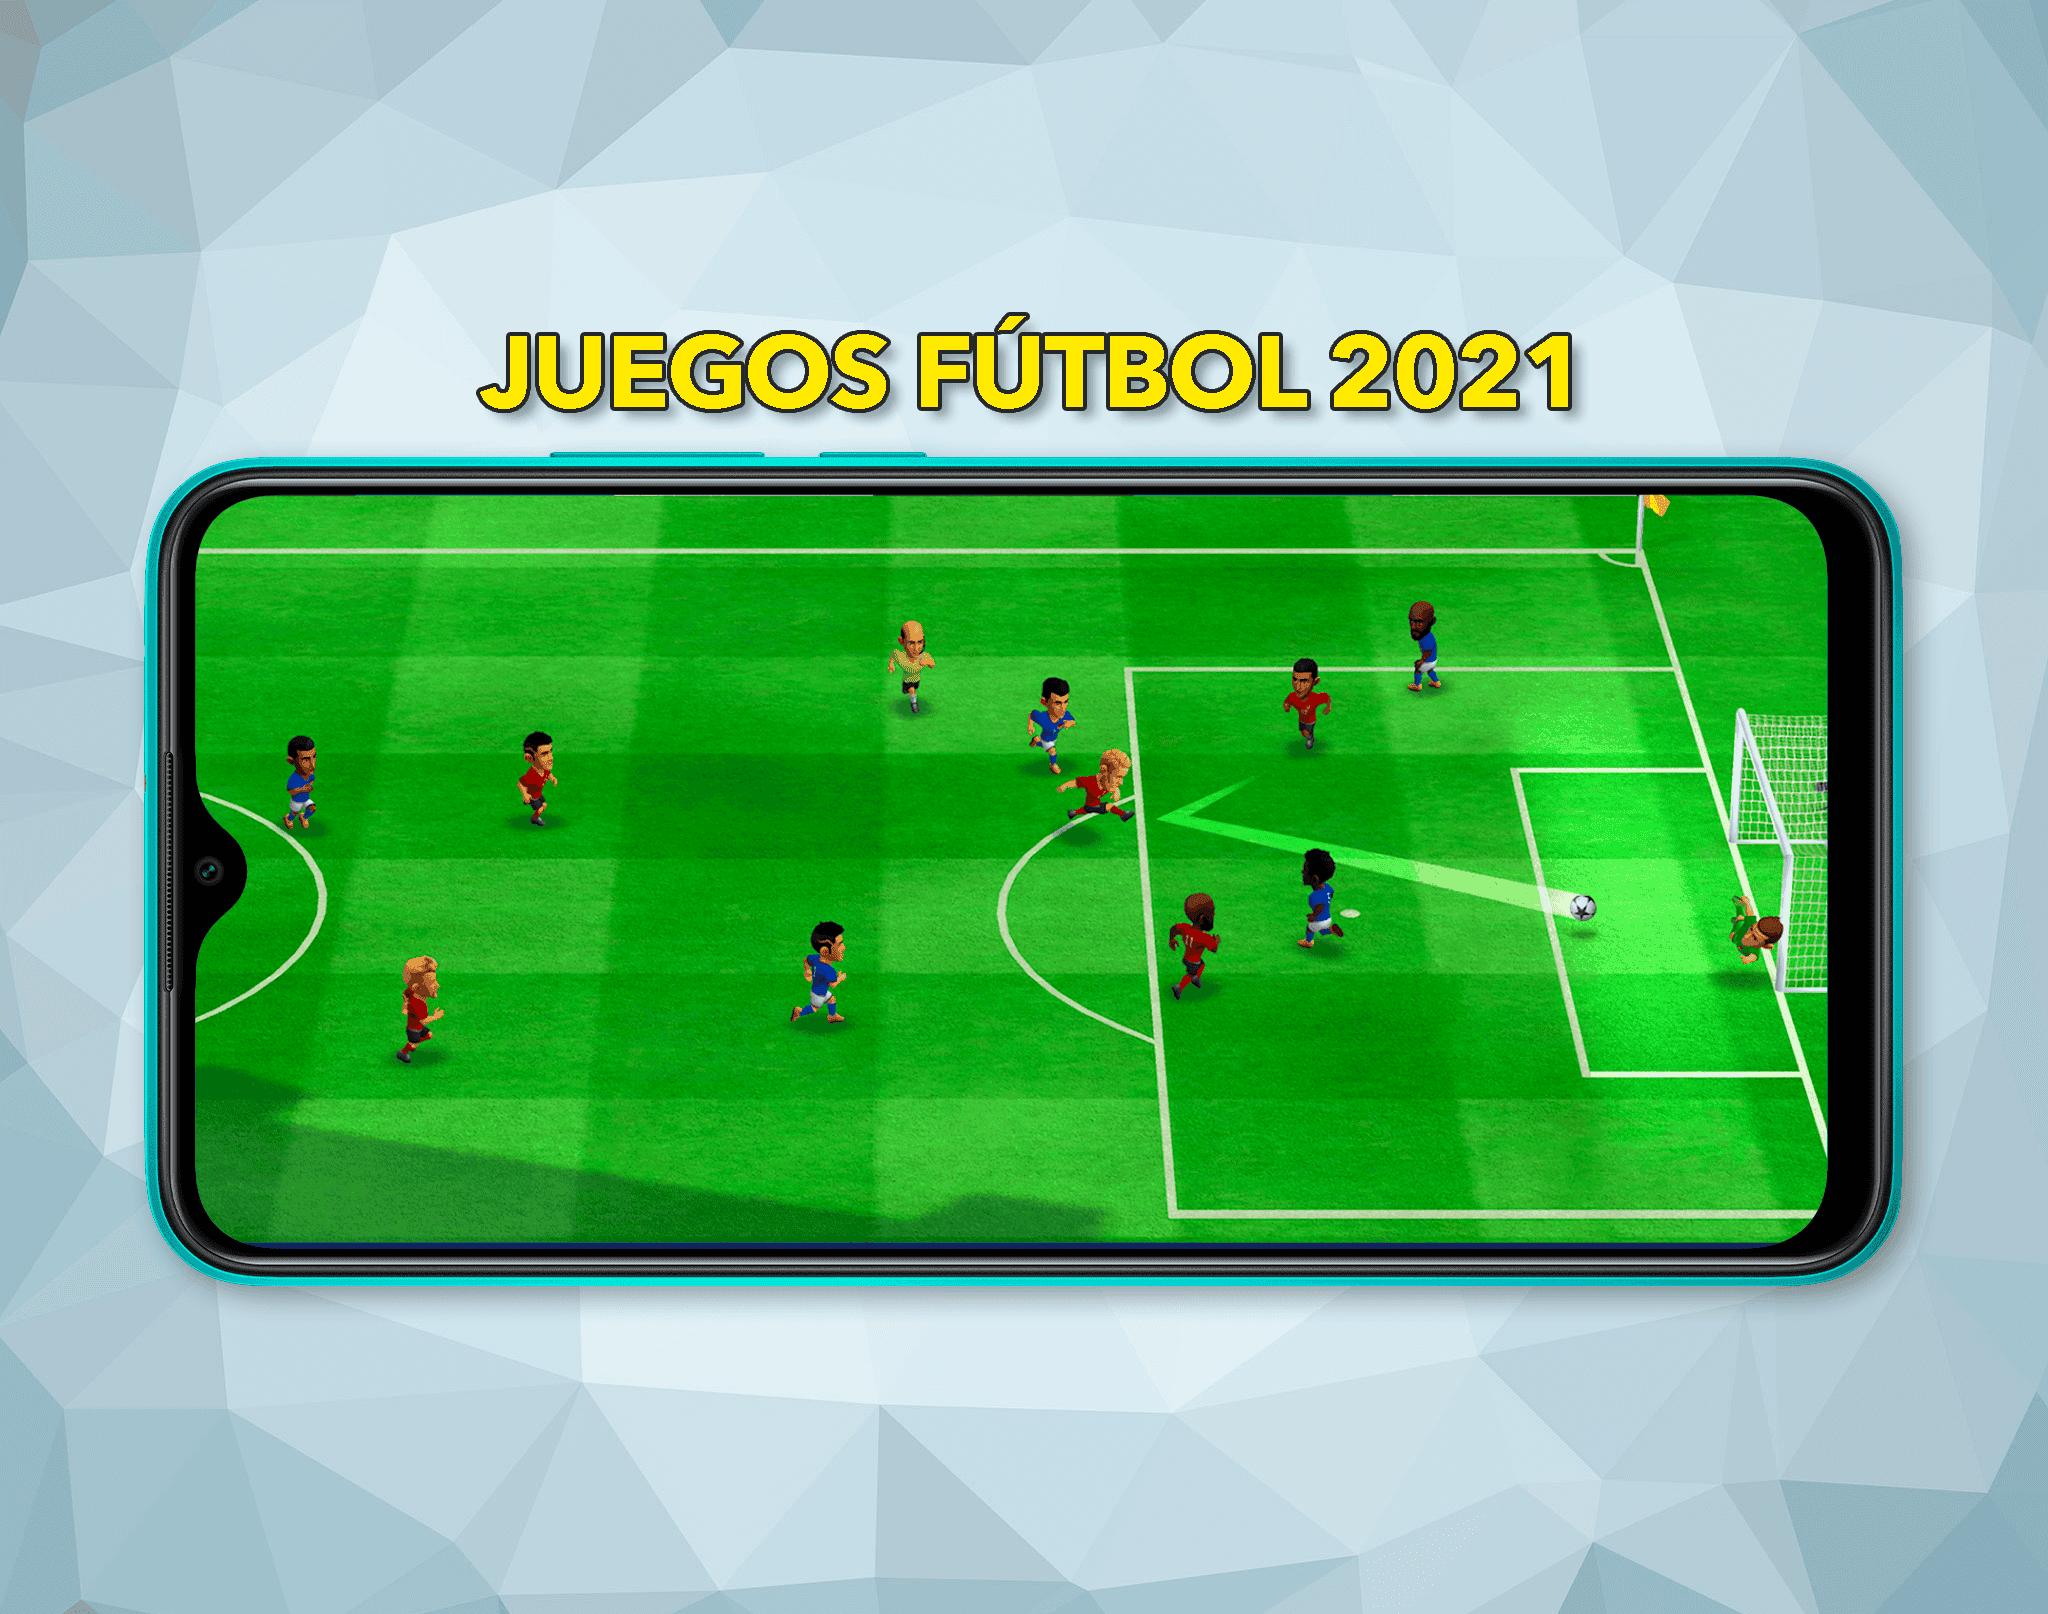 Estos 10 Juegos de Fútbol para móvil son los mejores: descárgalos sí o sí